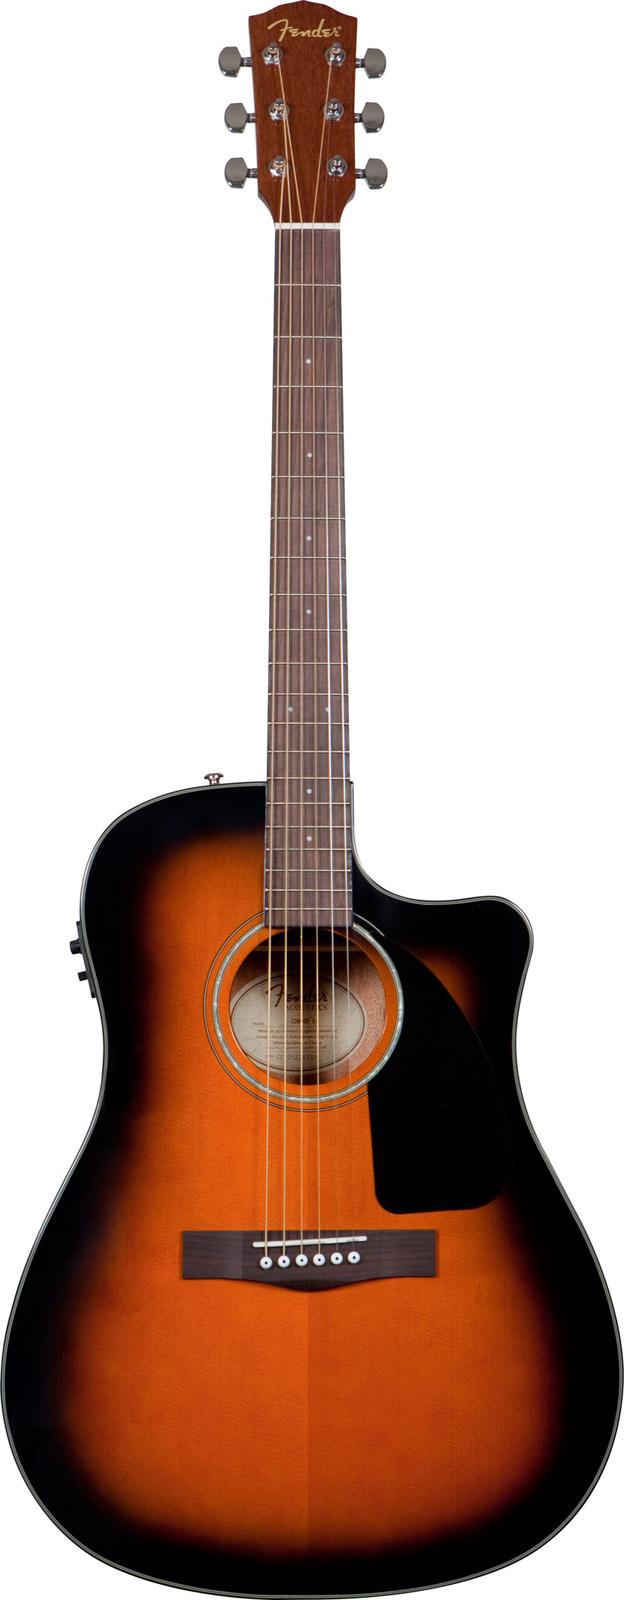 Fender Cd 60 Ce Sunburst V2